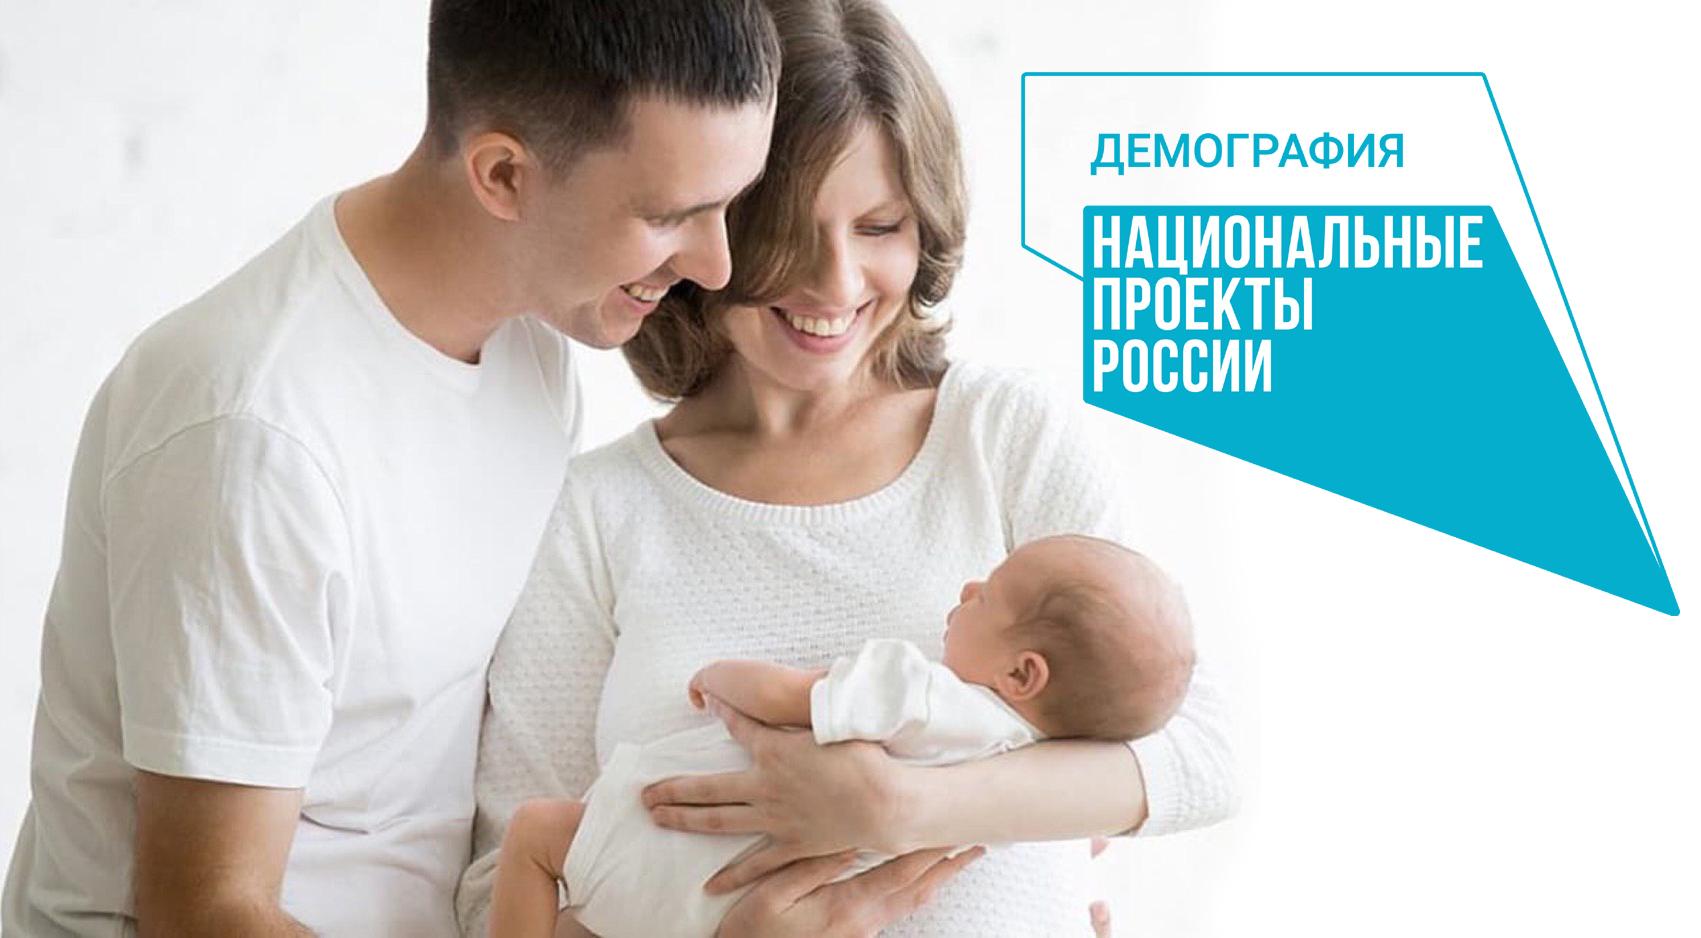 В Коми федеральную ежемесячную выплату при рождении первенца с начала года получила 4331 семья